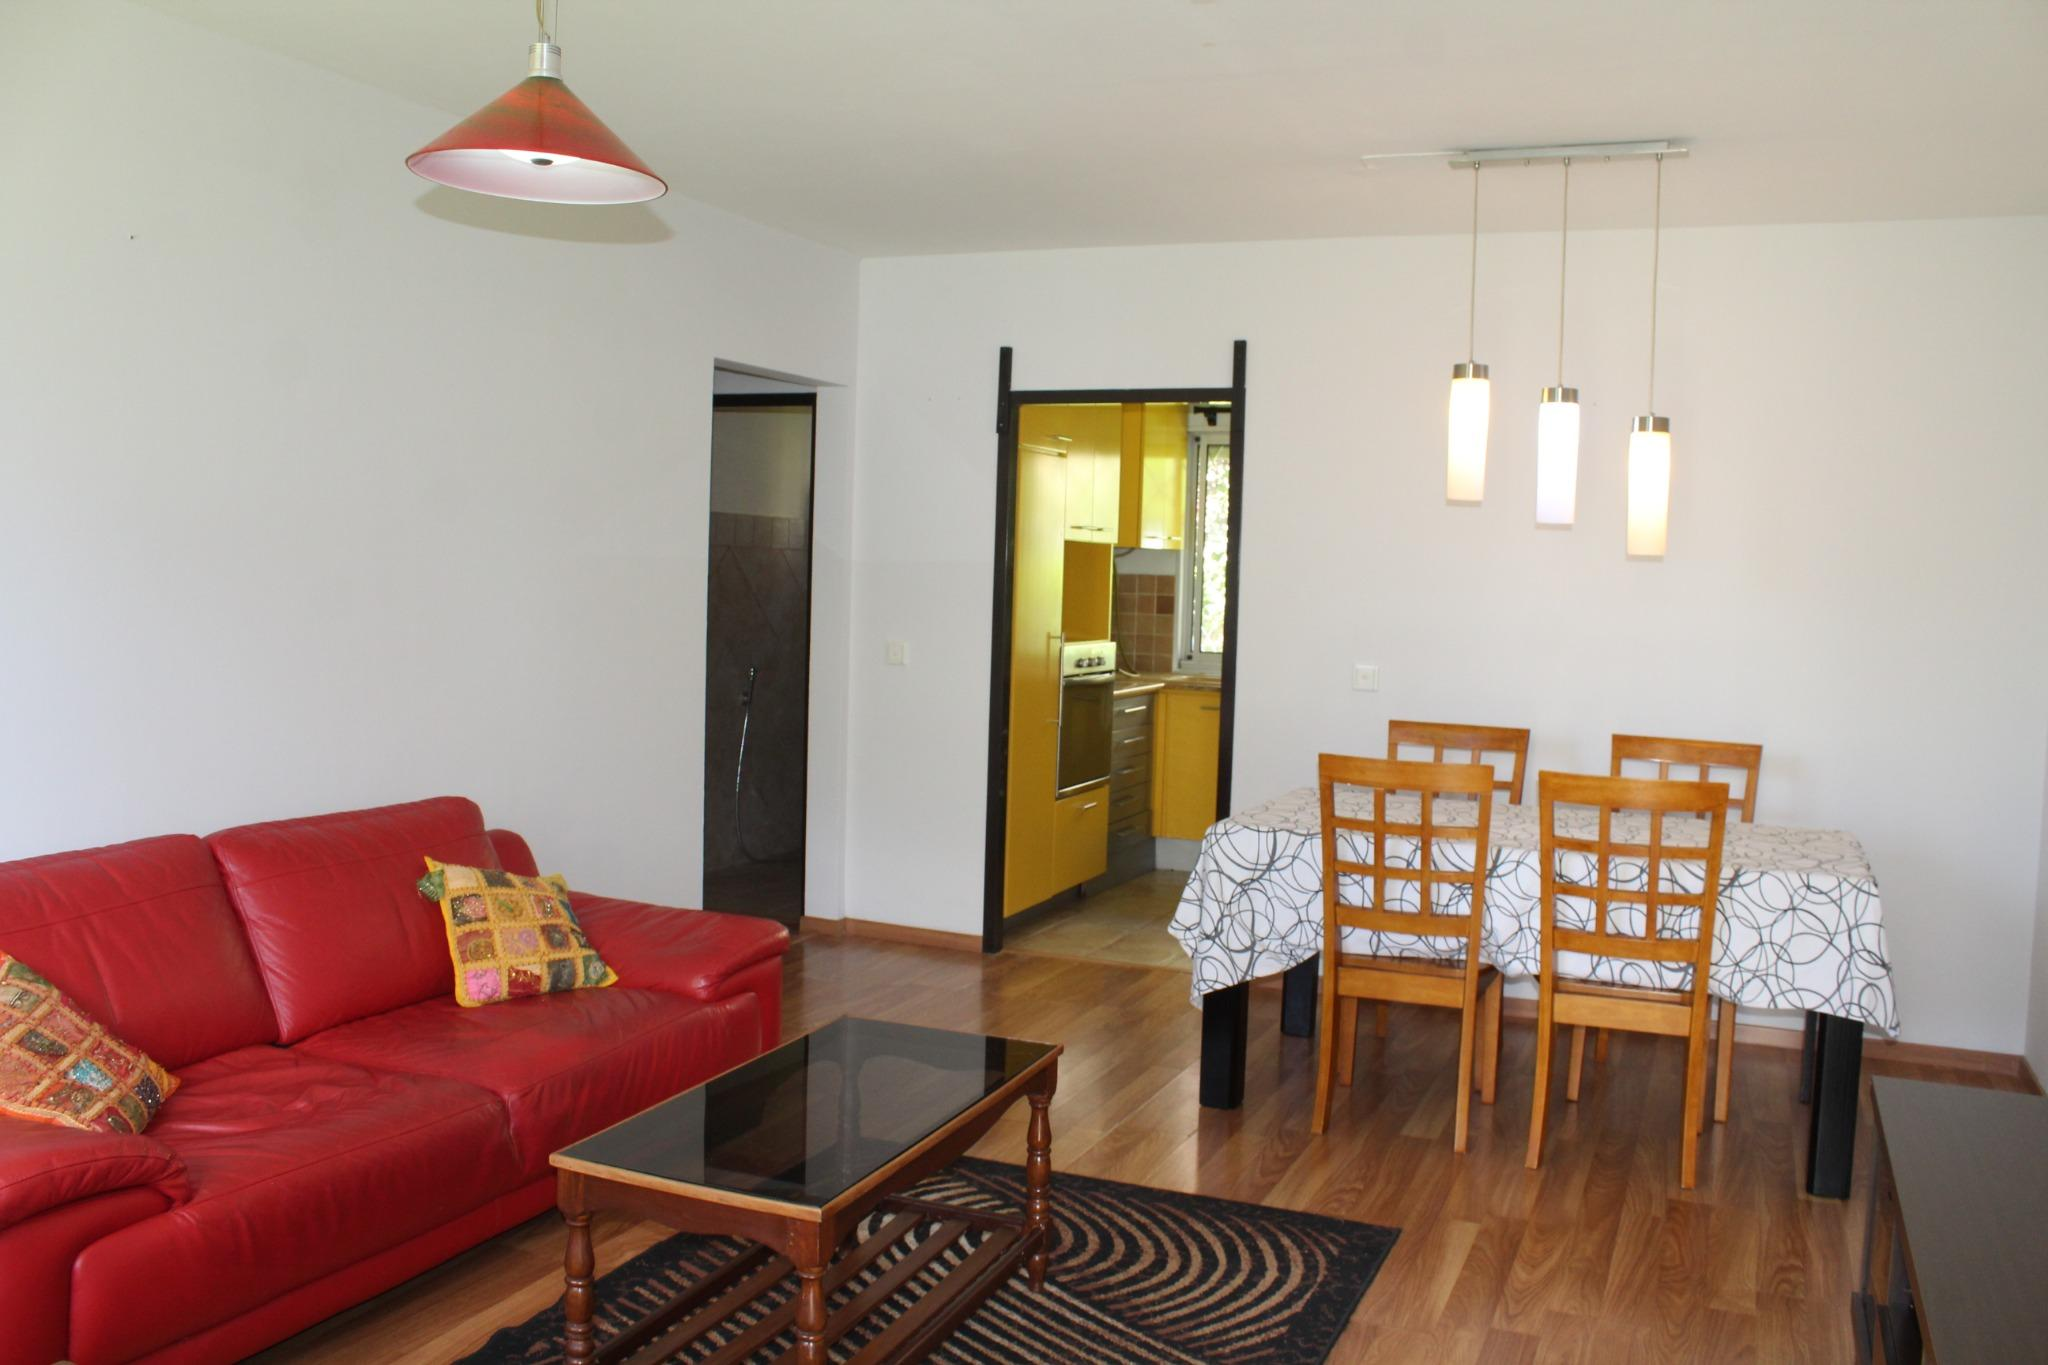 A VENDRE – Bel appartement meublé et équipé de 80 m2 au RDC de la Résidence Harewood Park à Beau Bassin